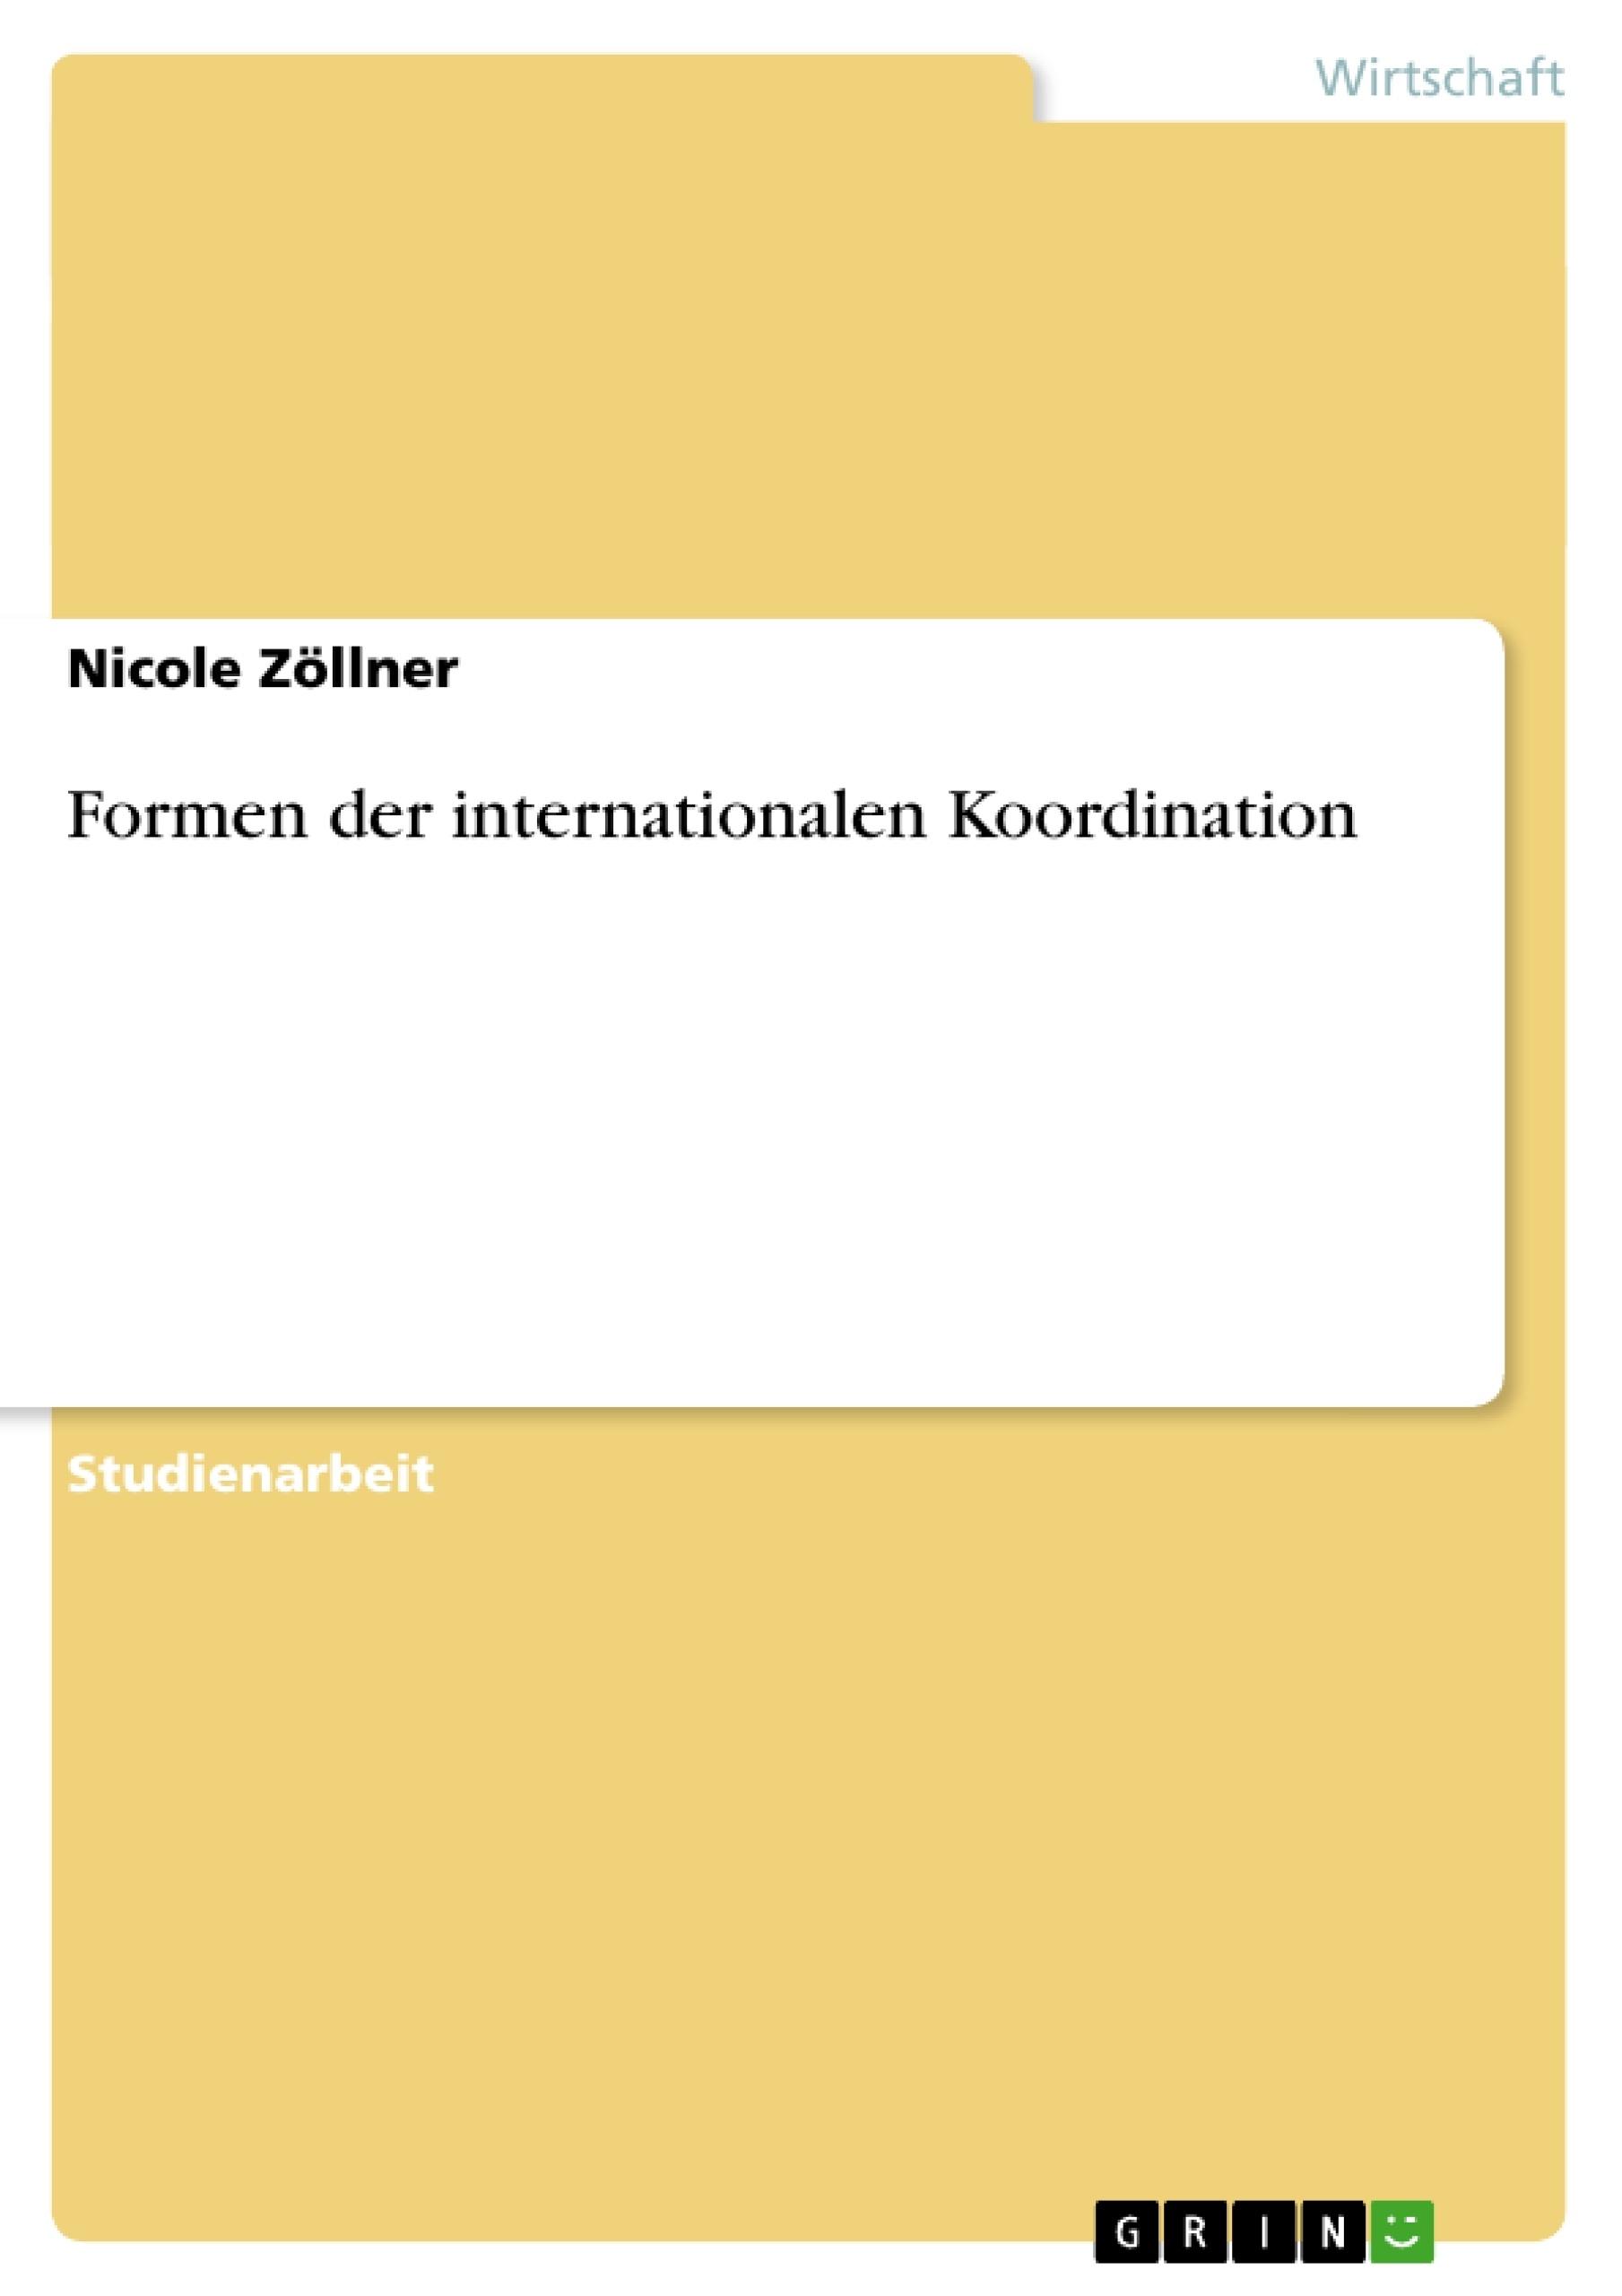 Titel: Formen der internationalen Koordination